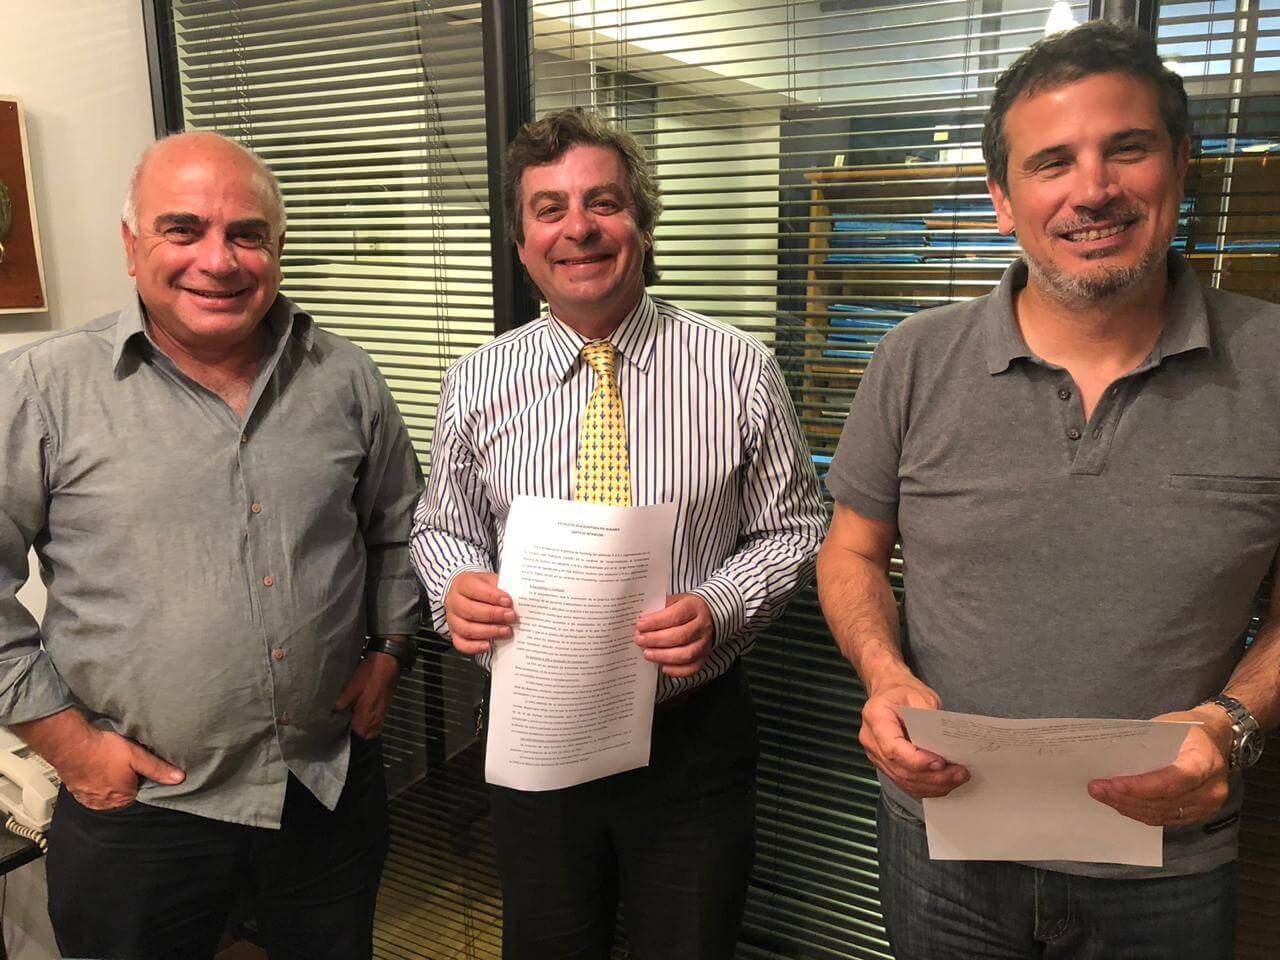 Convenio para el desarrollode la Escuela de Vela Adaptada - P.Patiño - R.Castelli - Ferrari